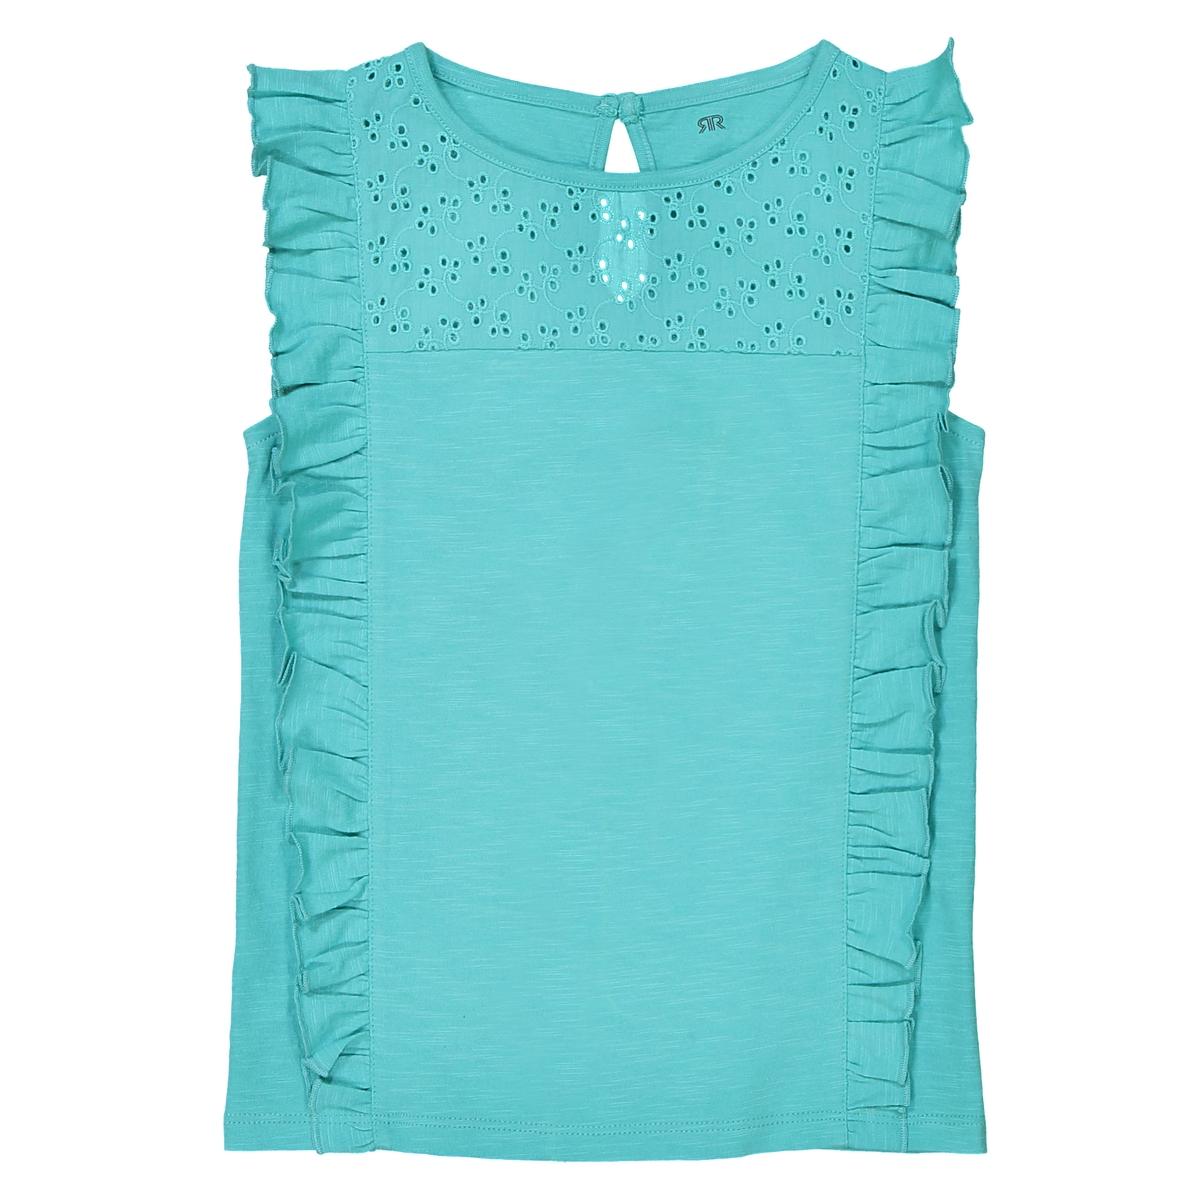 Топ с воланами и вышивкой, 3-12 лет футболка с вышивкой и воланами 3 12 лет